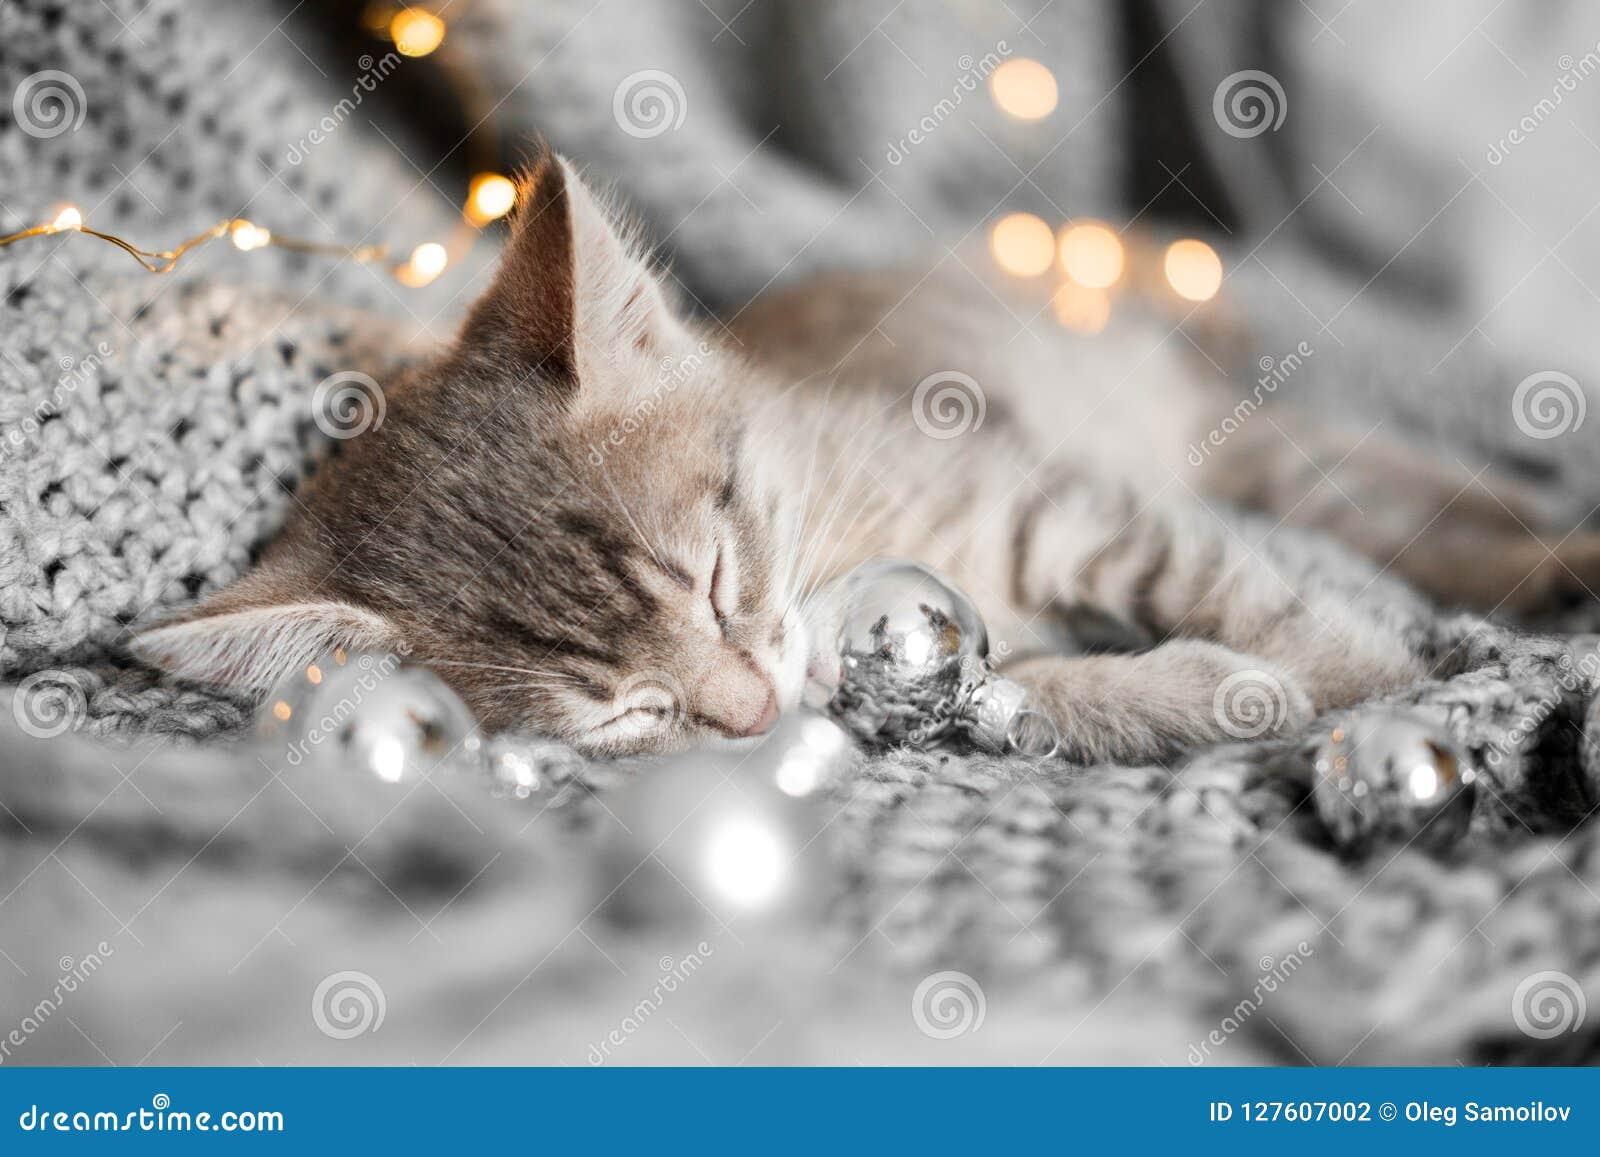 Een leuk katje rust op een grijze plaid in Kerstmisballen